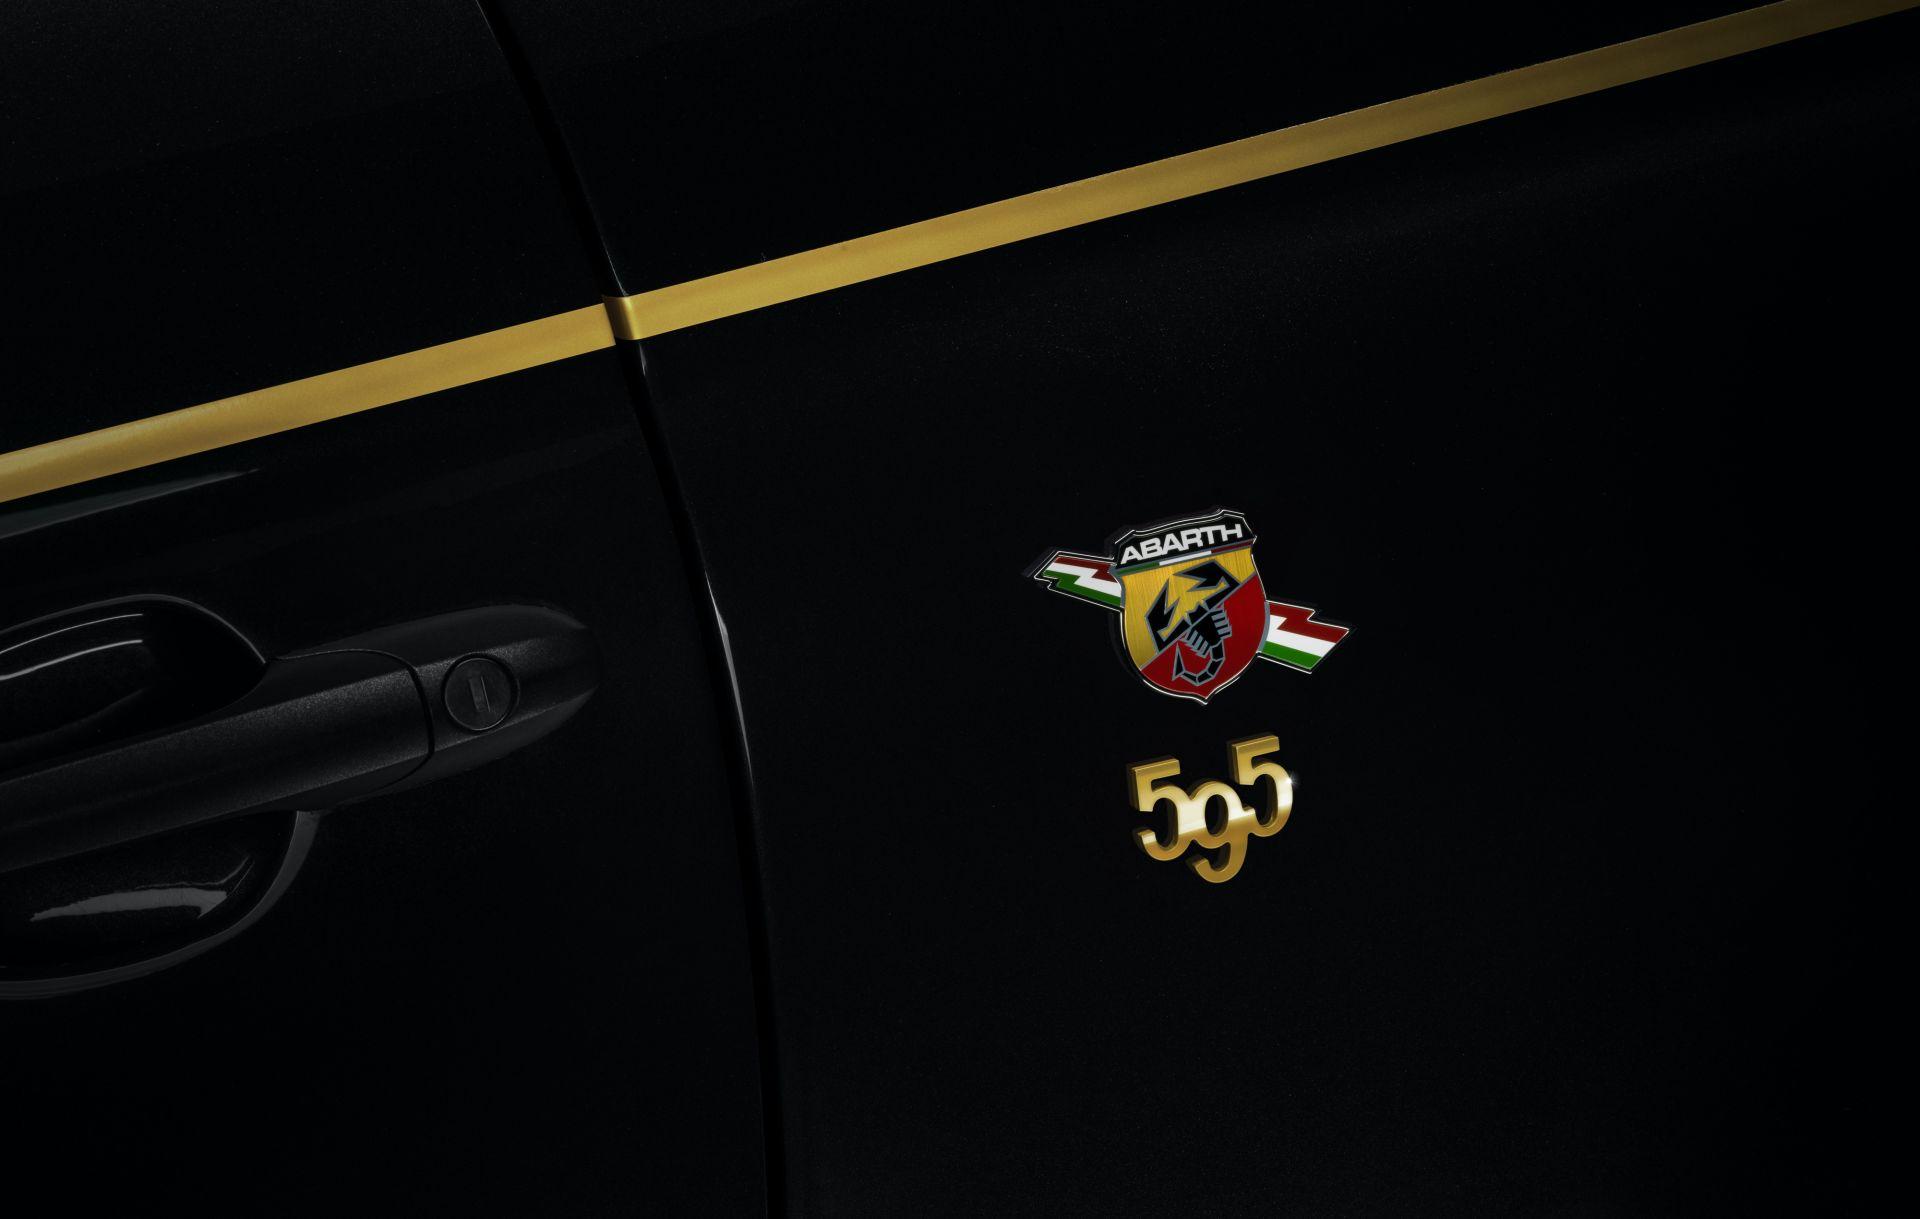 Abarth-595-Scorpioneoro-Edition-3